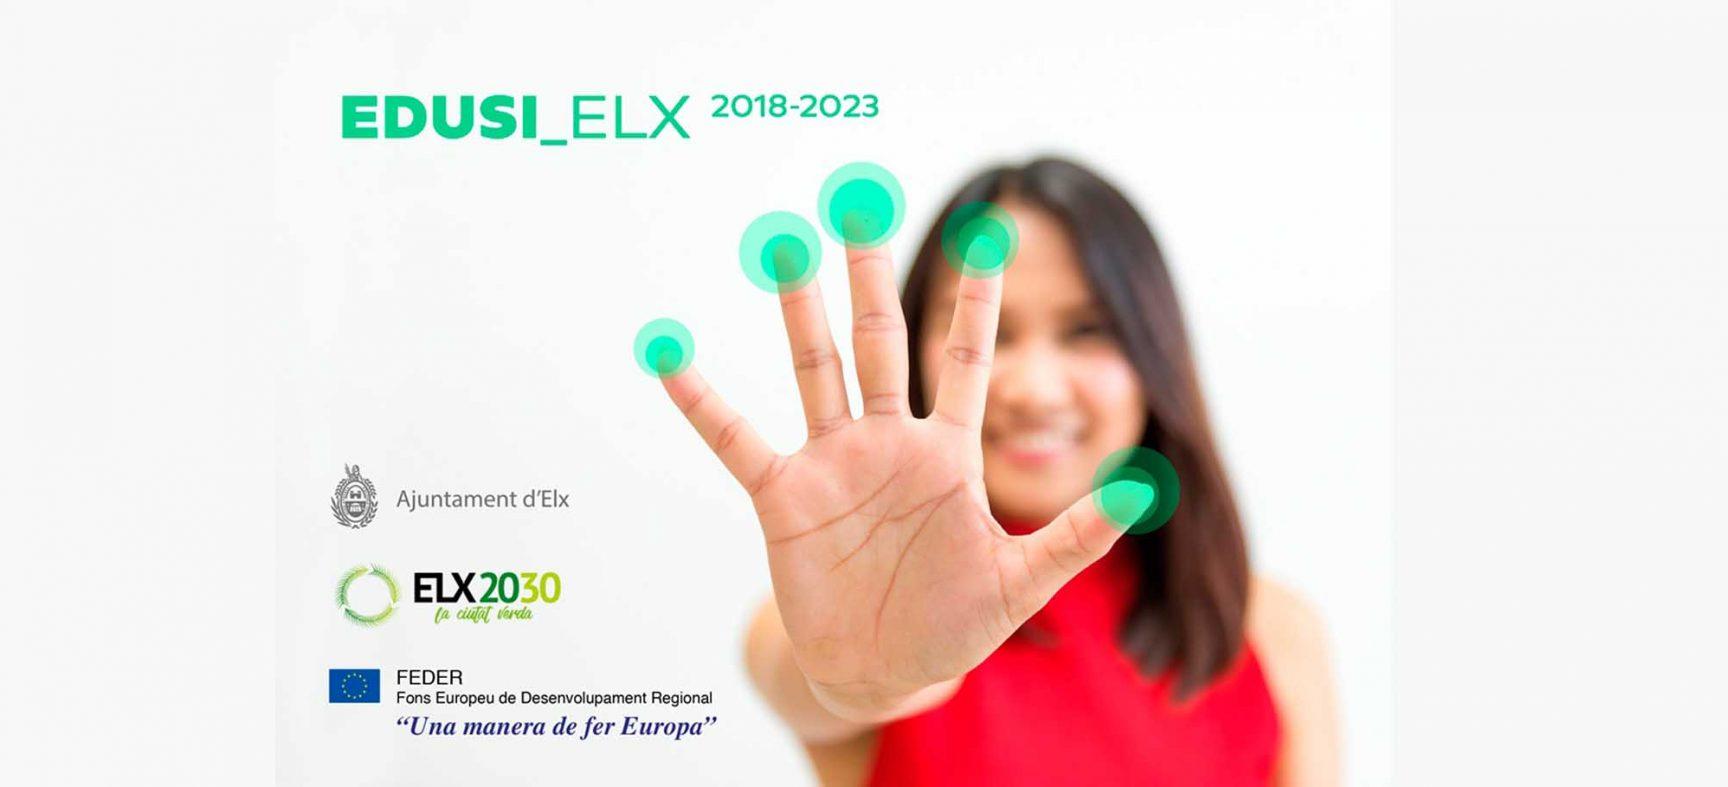 Exposició dels projectes EDUSI Elx 2018-2023 a Les Clarisses